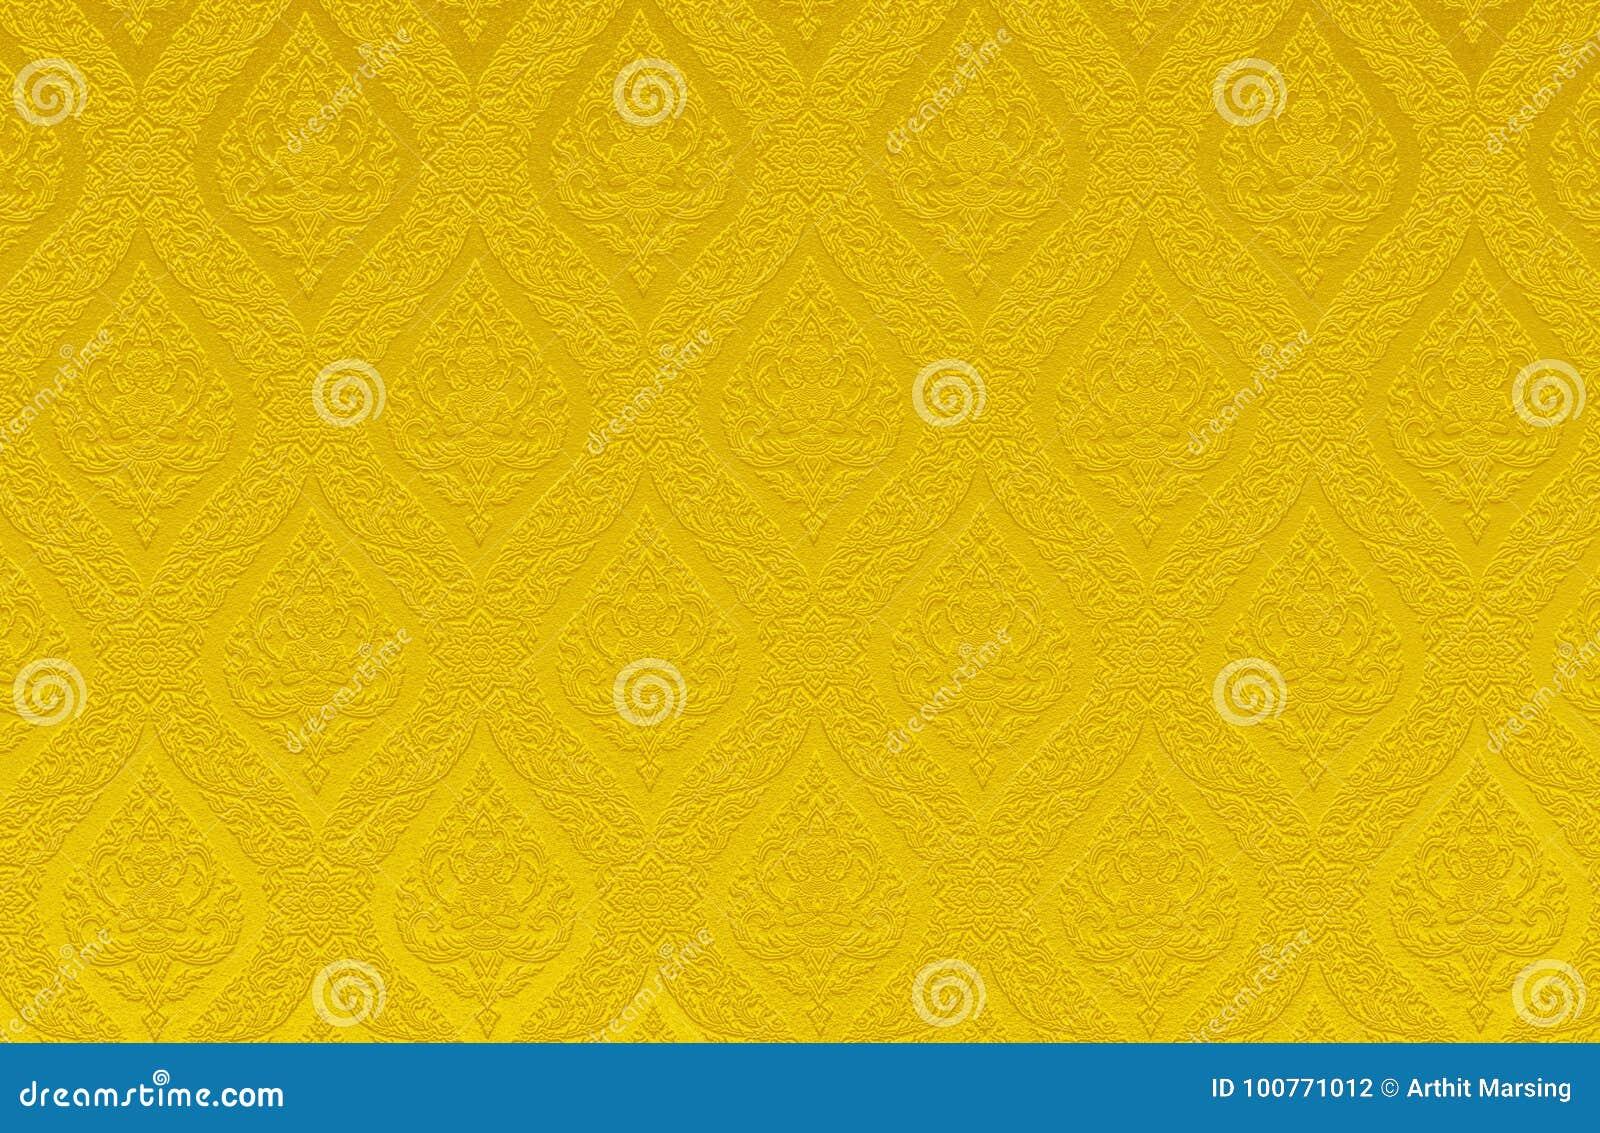 金子颜色纹理样式摘要背景可以是用途作为墙纸屏幕保护程序小册子封页或为圣诞卡